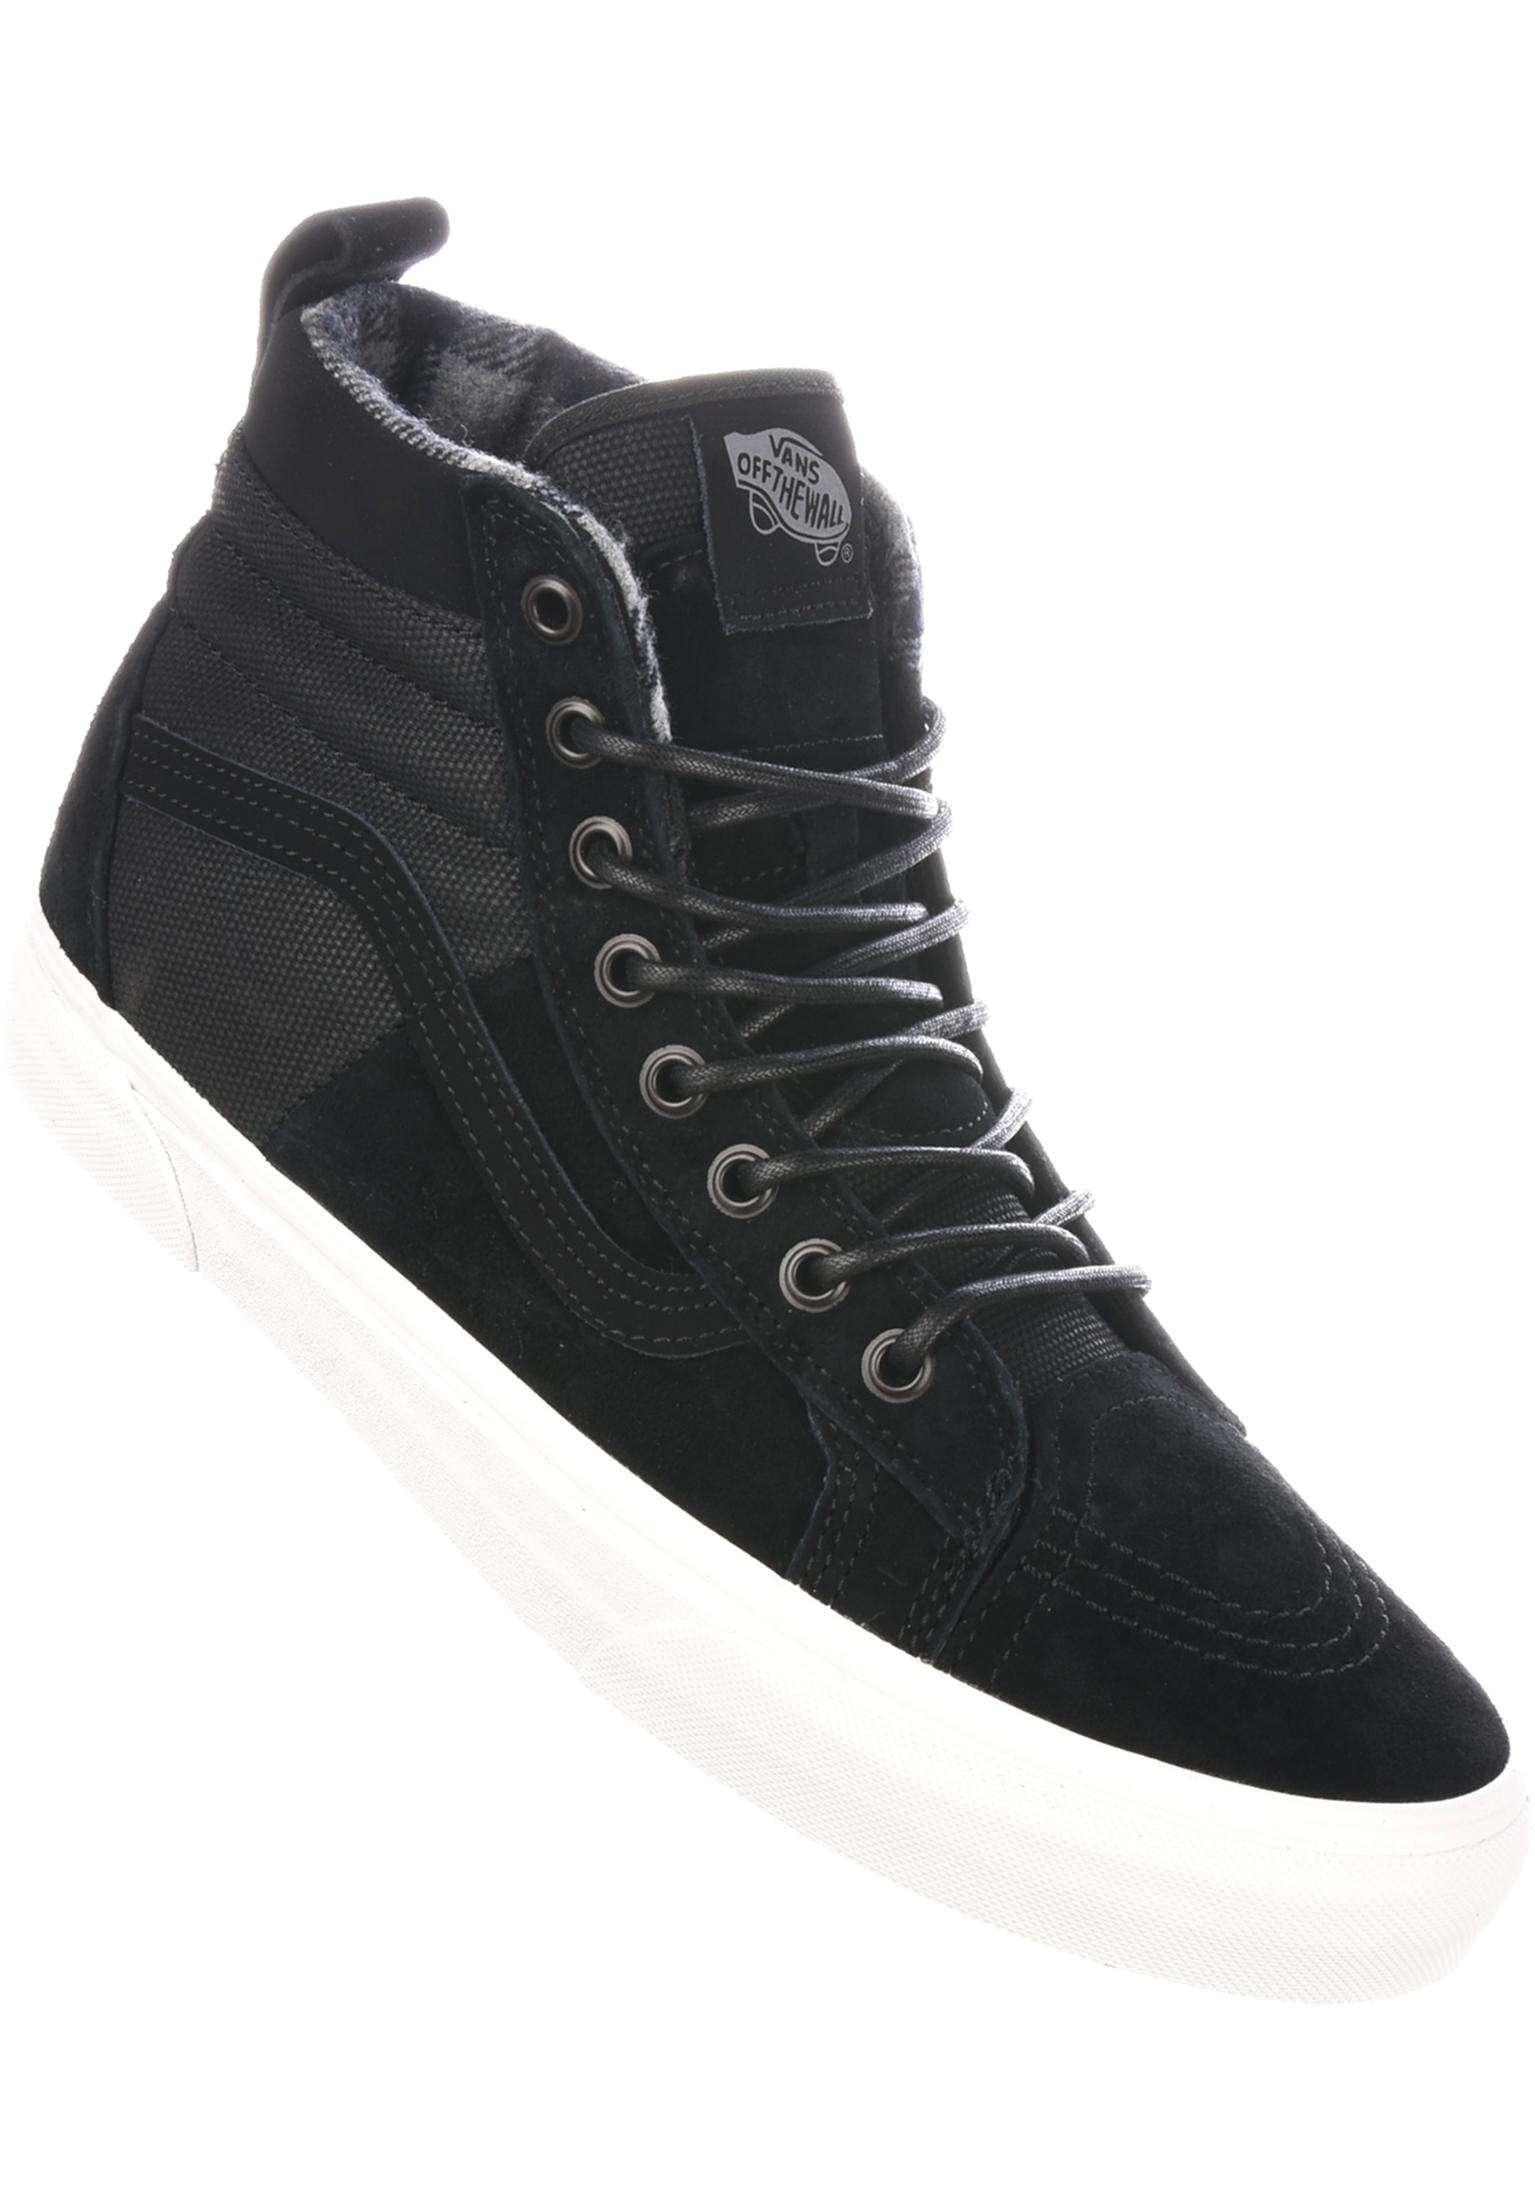 214f09a7268e52 Sk8 Hi MTE DX Vans All Shoes in black-flannel for Men